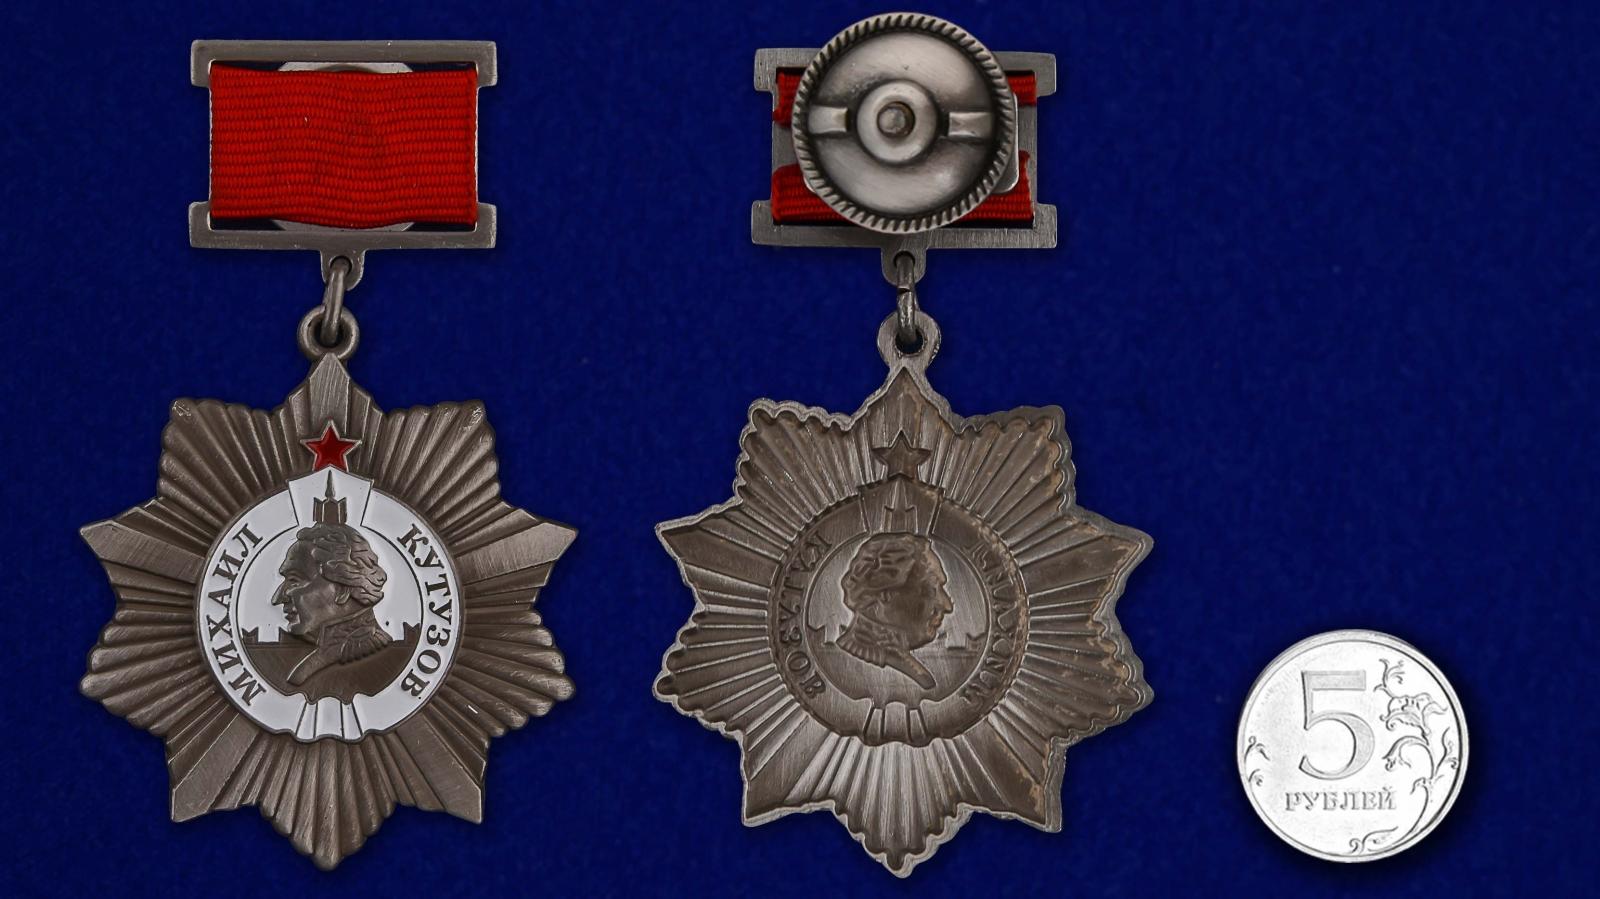 Муляжа ордена Кутузова II степени (на колодке)